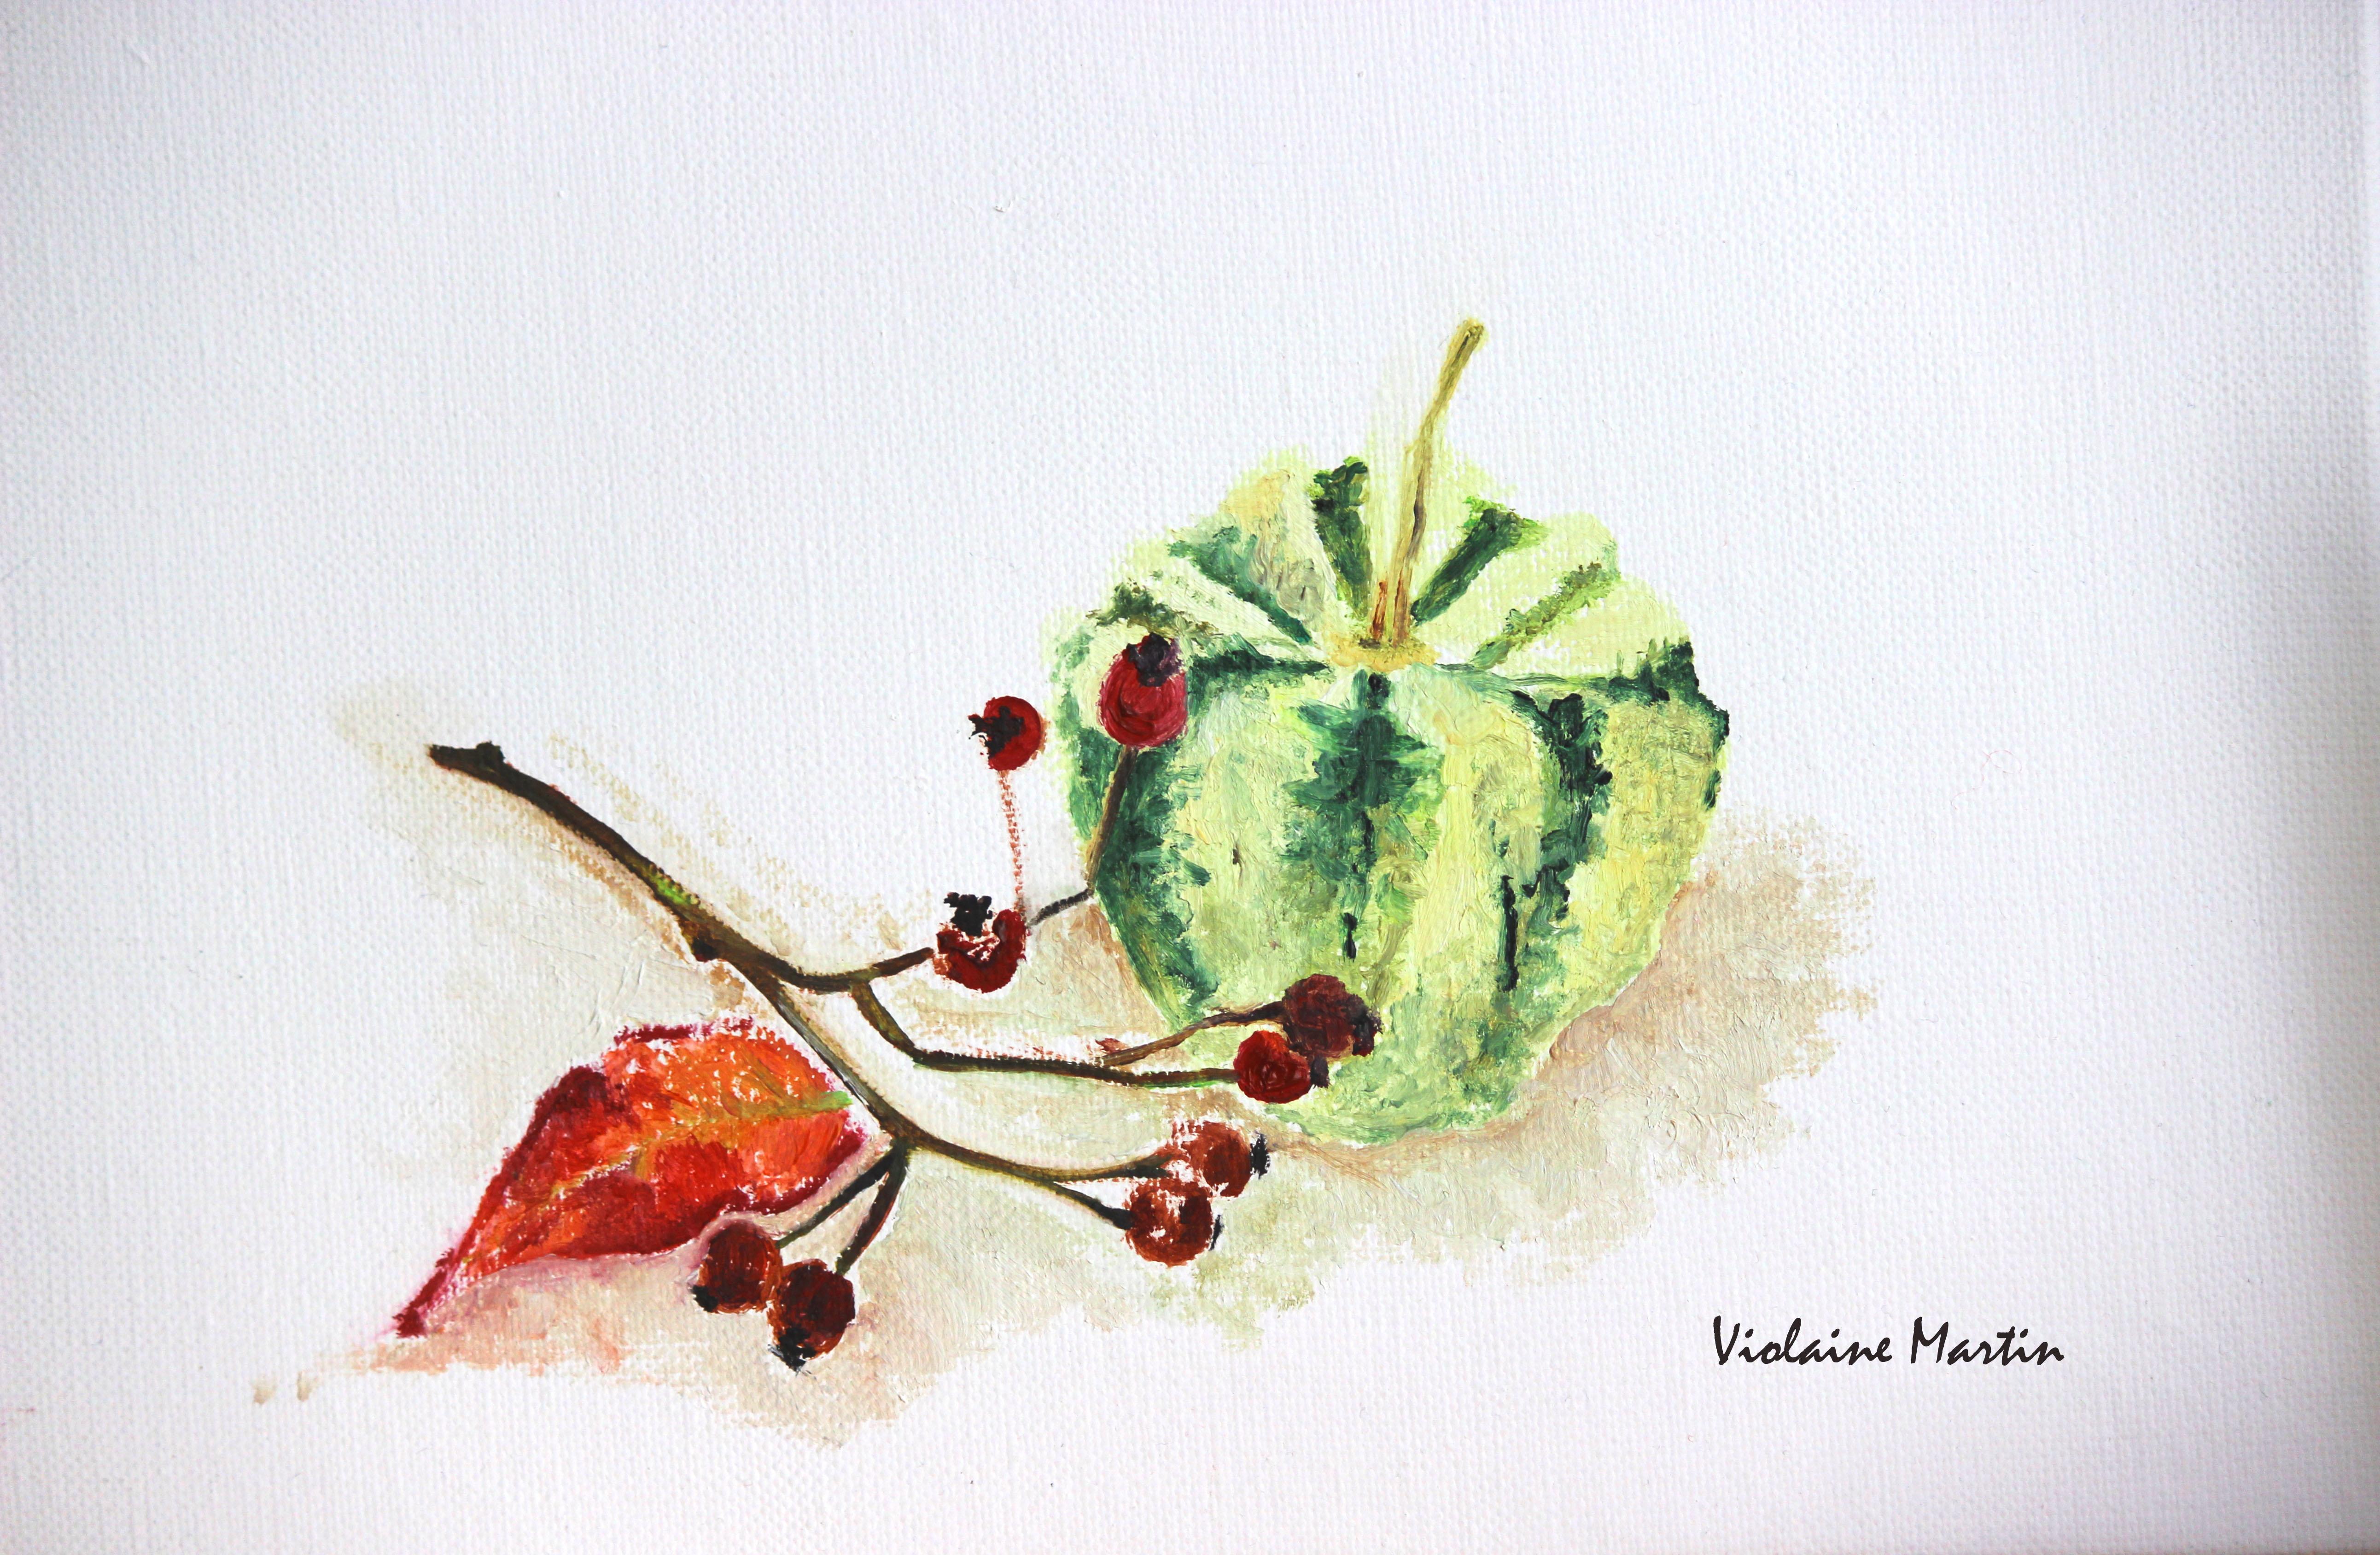 Petit cucurbitacé - Peinture à l'huile - 2011 - Violaine Martin Créations - Design textile - tissage jacquards, unis et velours - aquarelles botaniques - Hauts-de-France